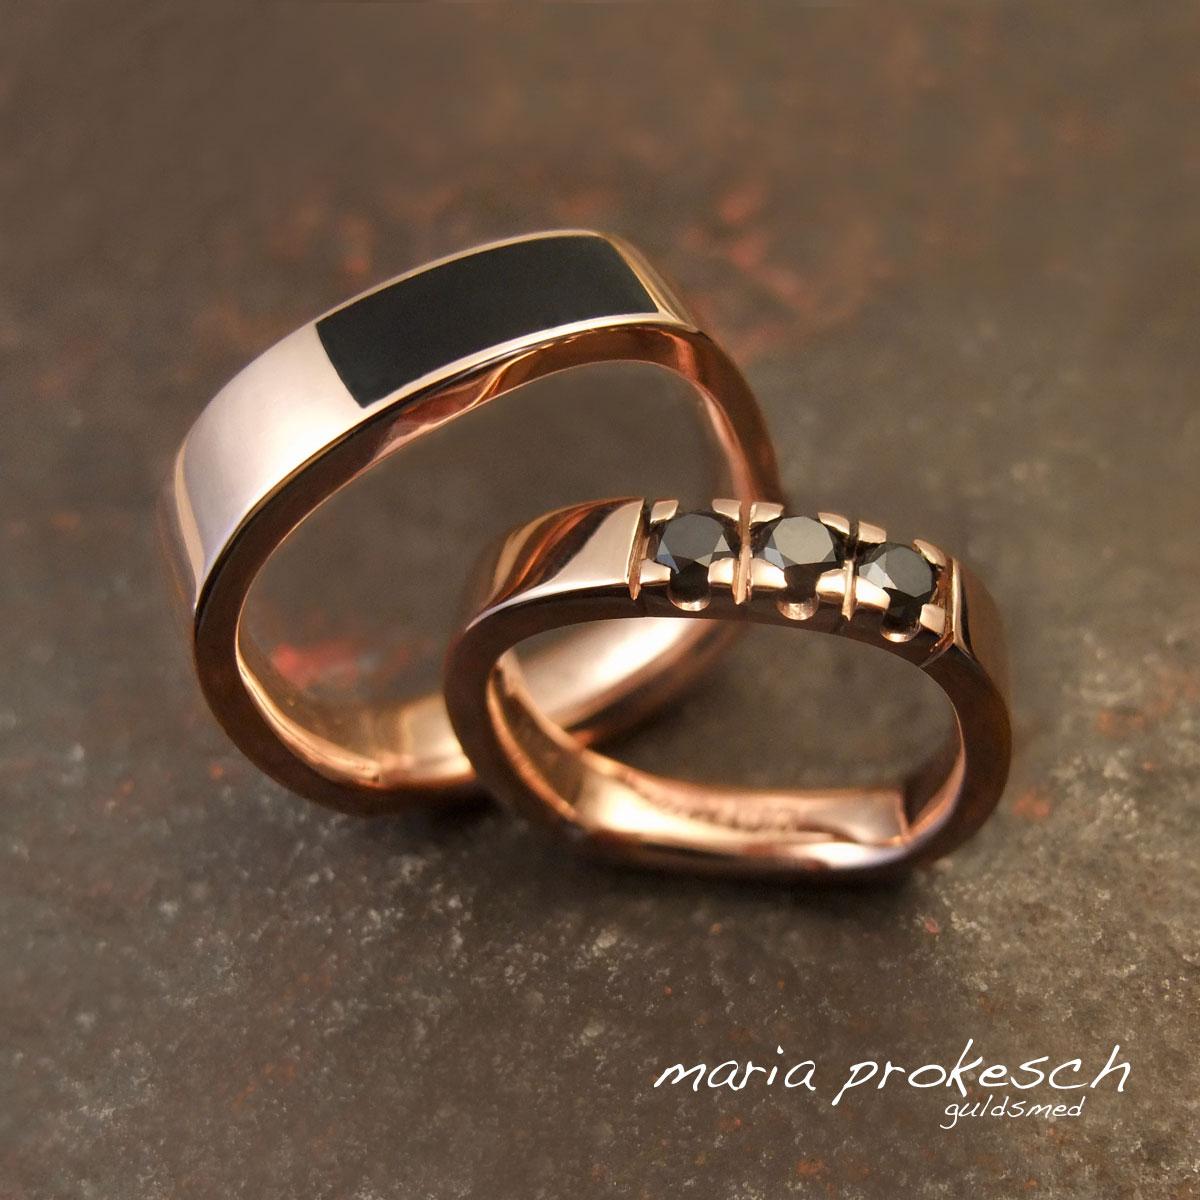 Klassisk design til vielsesringe med utraditionelle valg. Begge ringe er firkantede, hendes som alliancering med behandlede sorte diamanter. Hans ring med sort onyx lagt ned i ringen. Dansk håndværk, med personlige valg